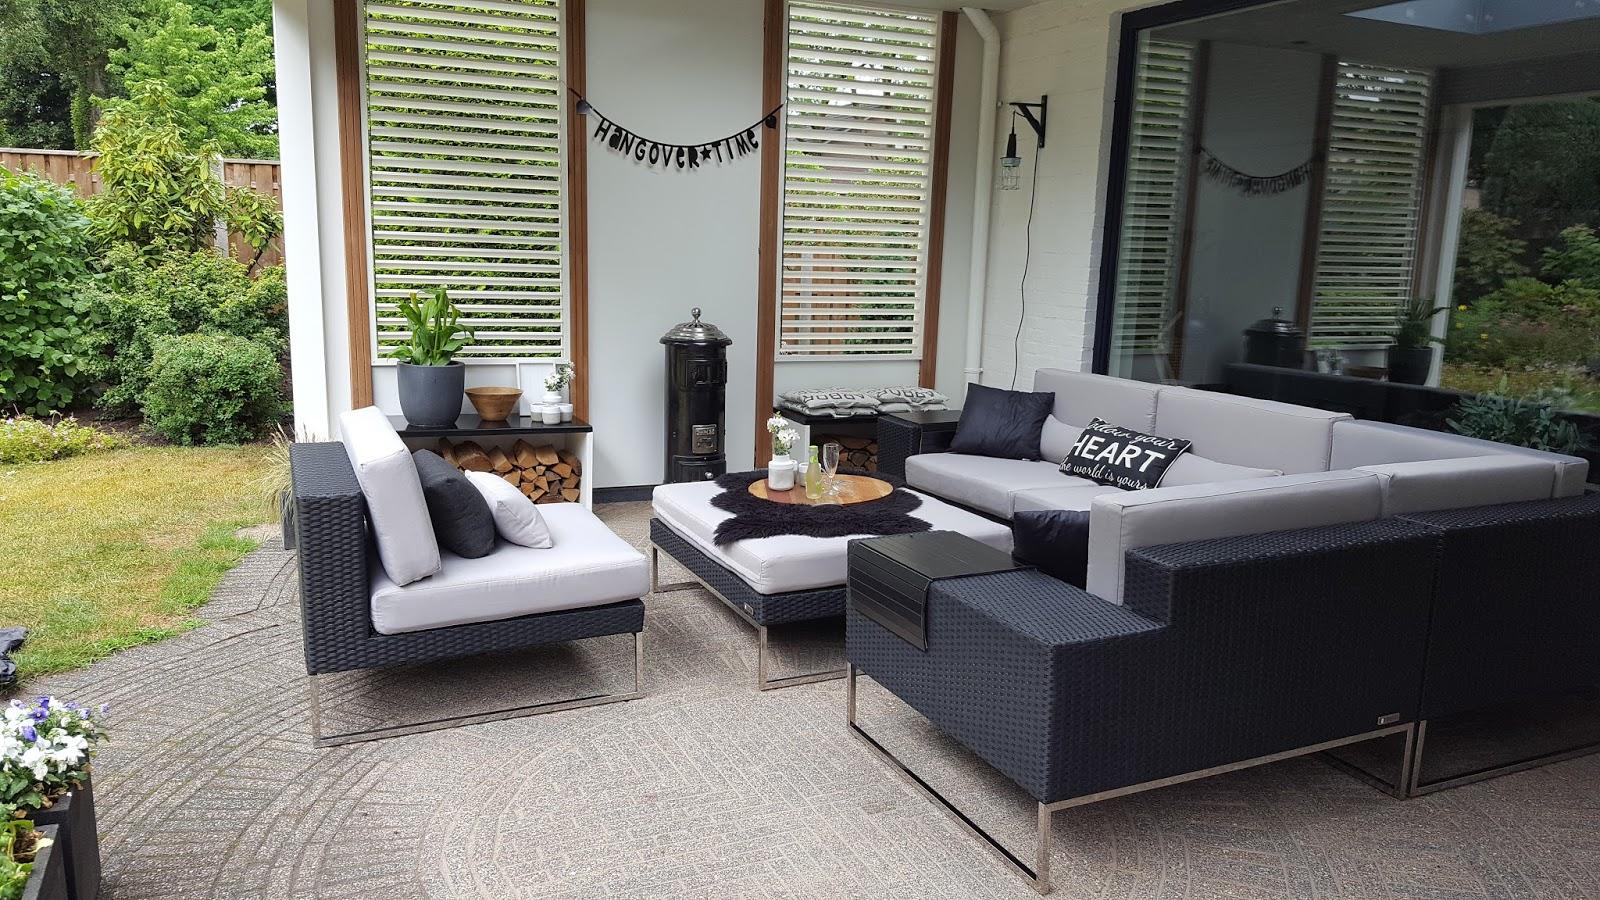 Tuin zetel 28 images loungeset lounche stoel fauteuil for Lounge zetel